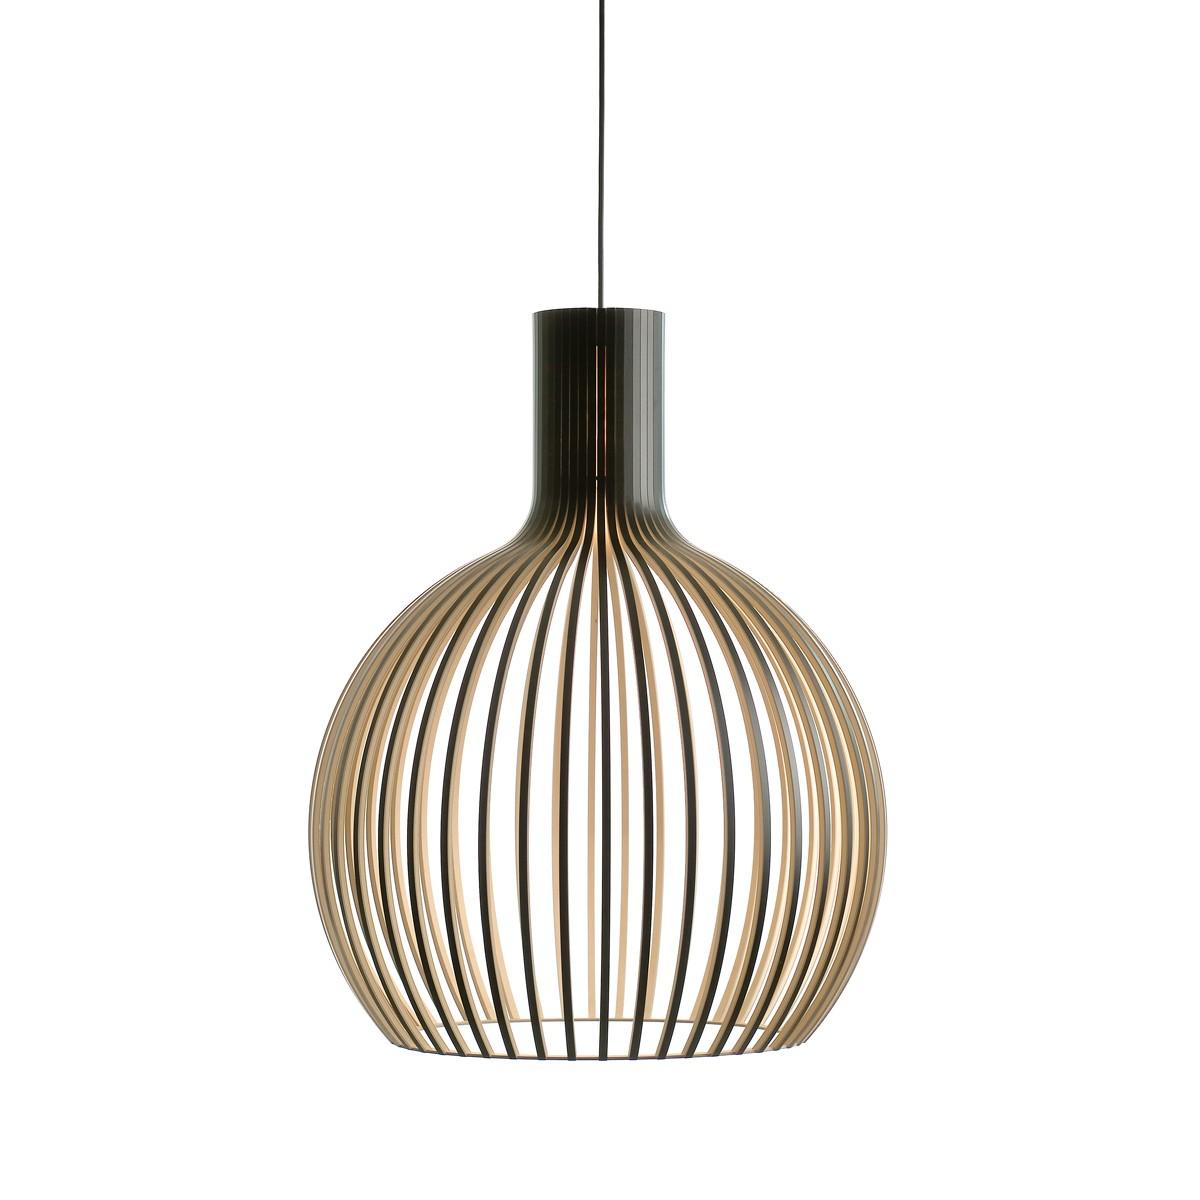 Secto Design Octo 4240 Pendelleuchte, schwarz laminiert, Kabel: schwarz